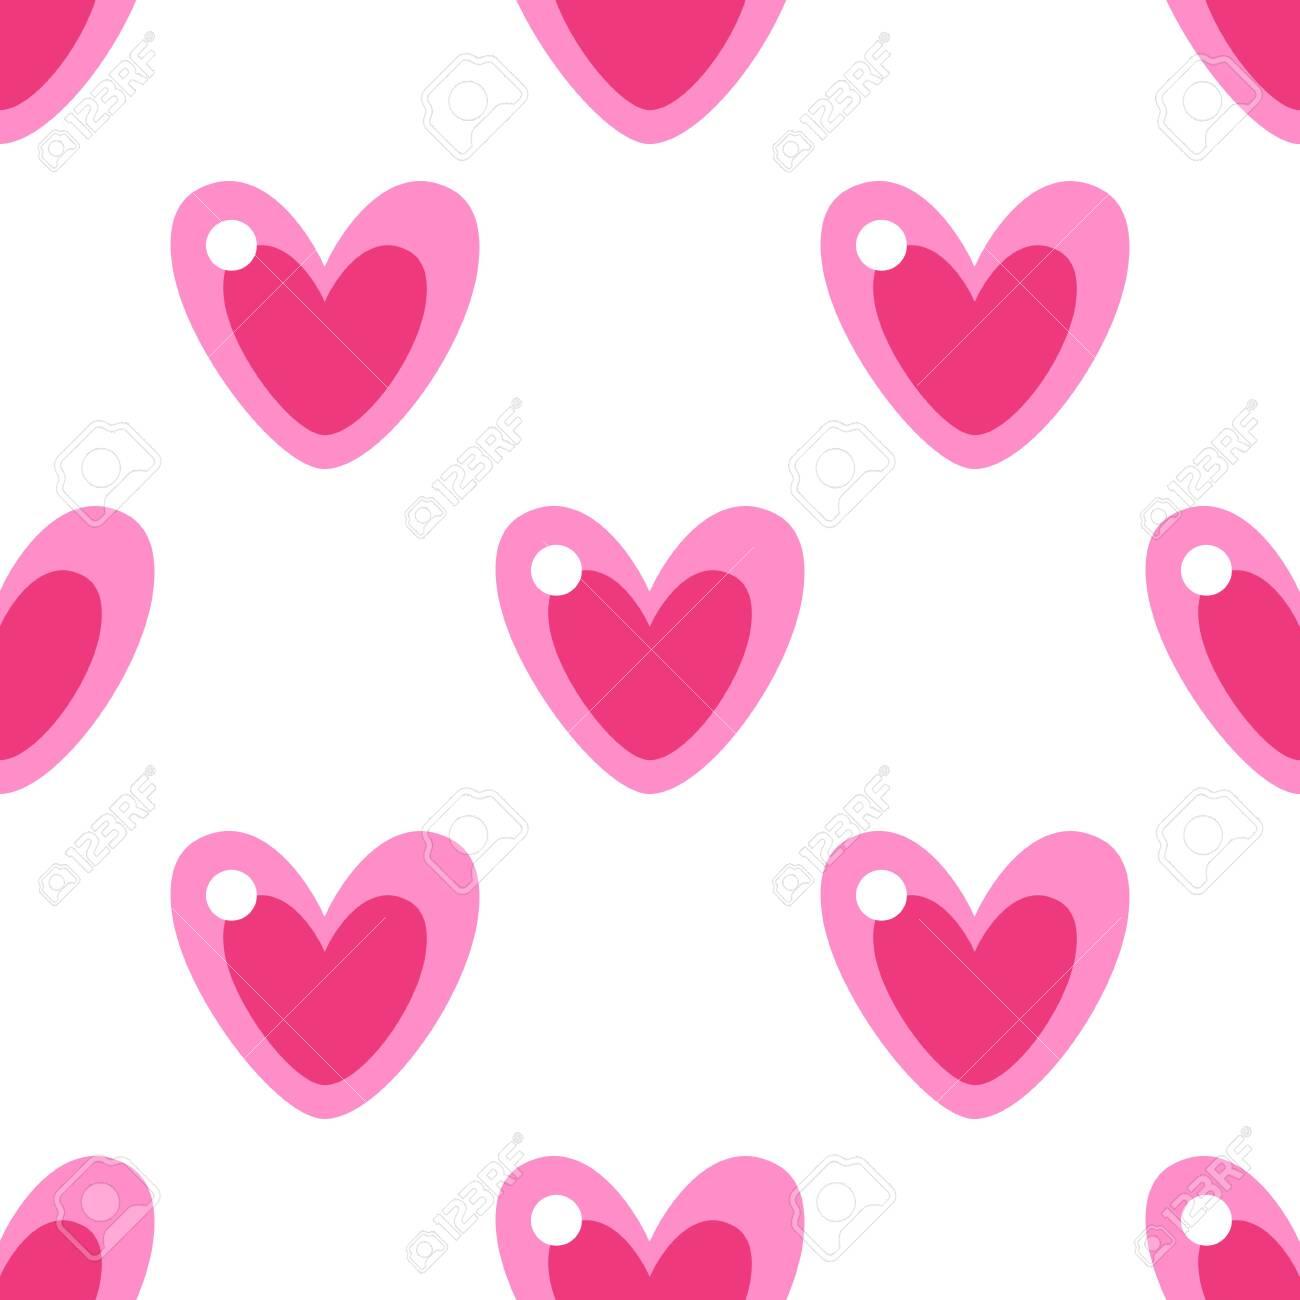 Cute pink cartoon heart seamless vector pattern - 140223118